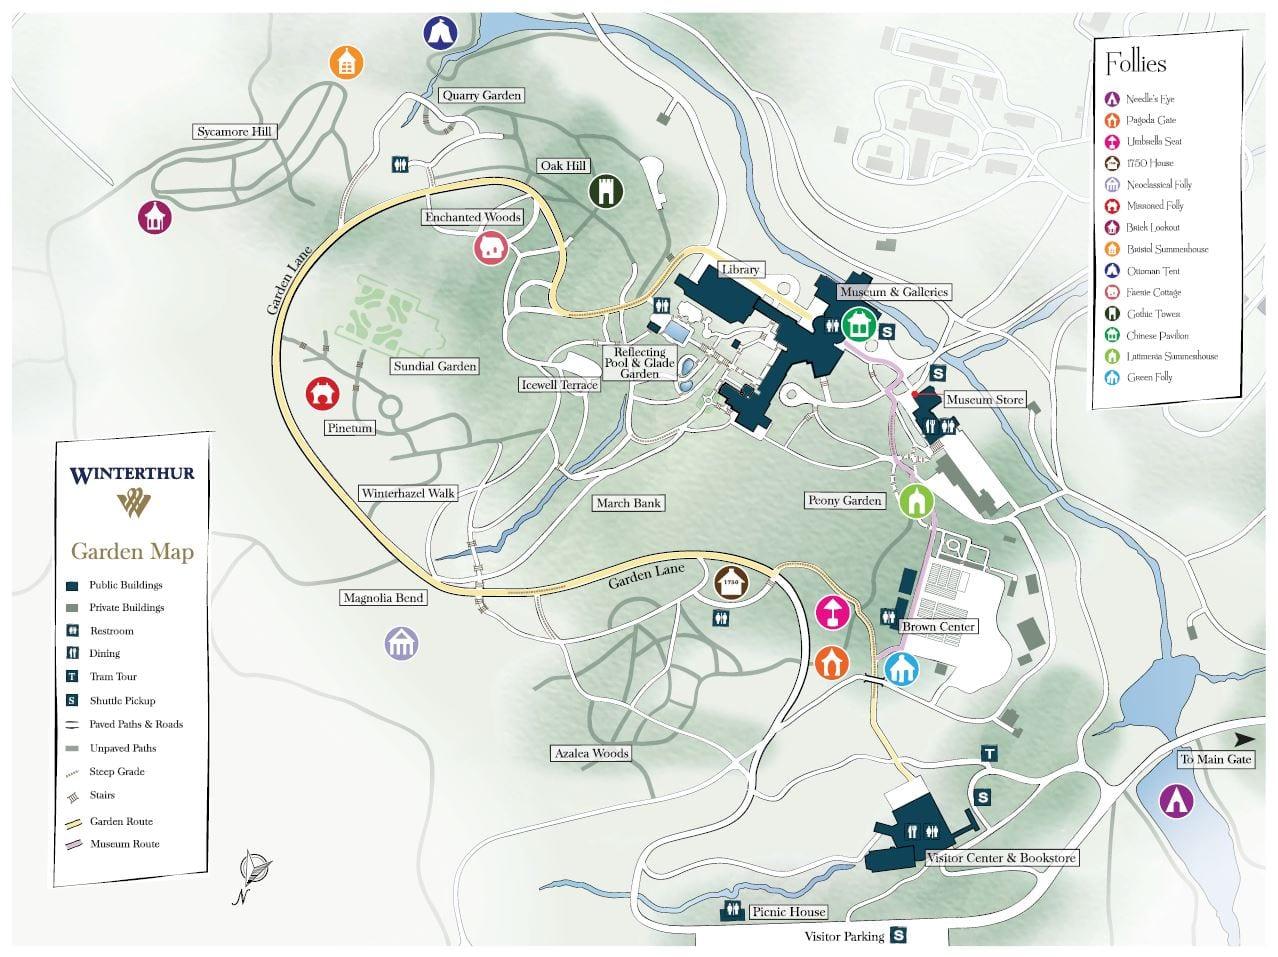 Winterthur Garden Map with Follies